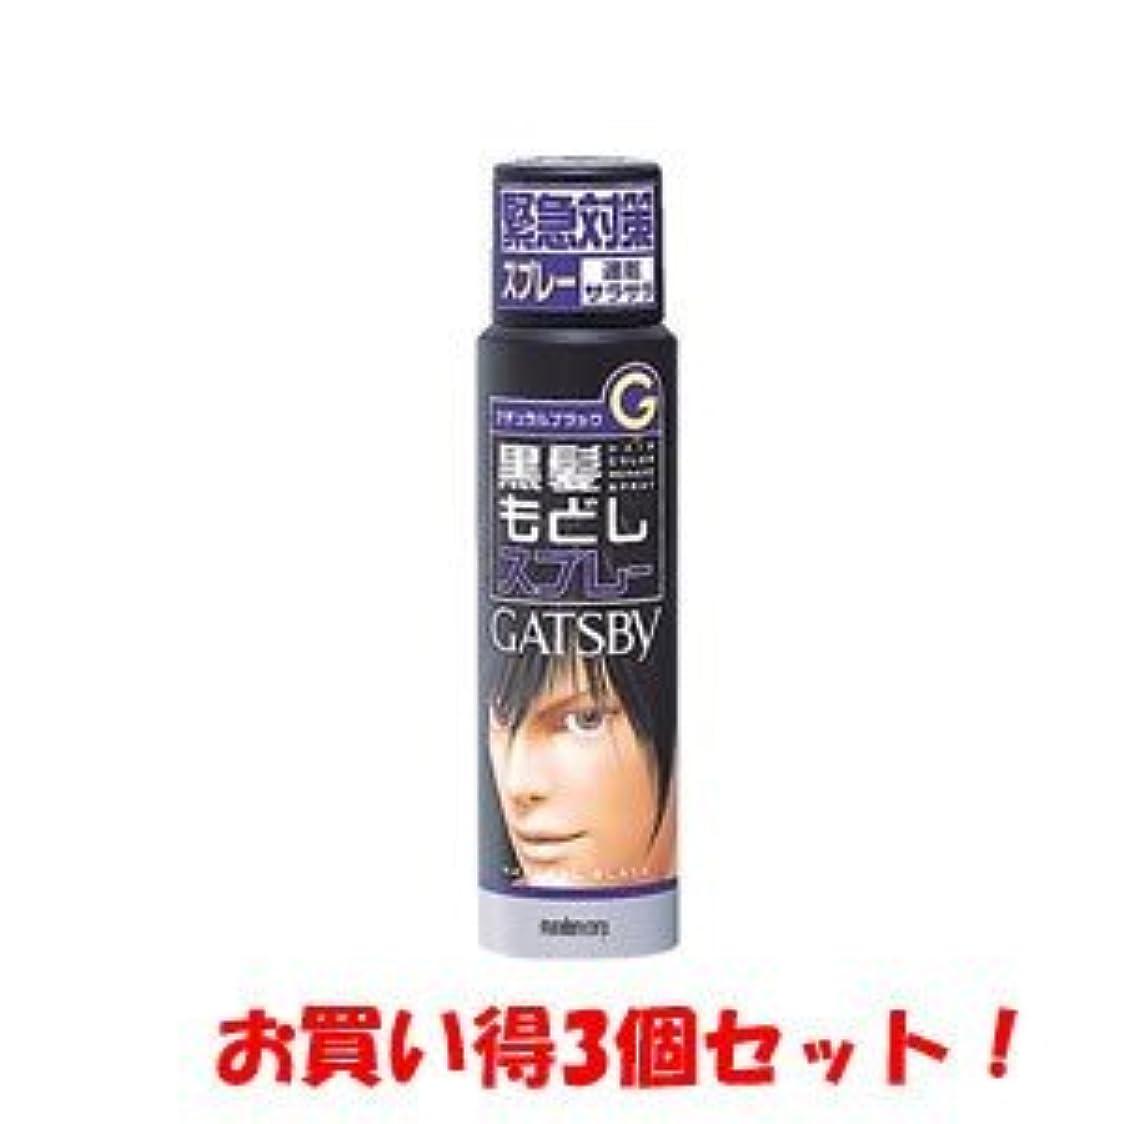 初心者賄賂スタウトギャツビー【GATSBY】ターンカラースプレー ナチュラルブラック 60g(お買い得3個セット)